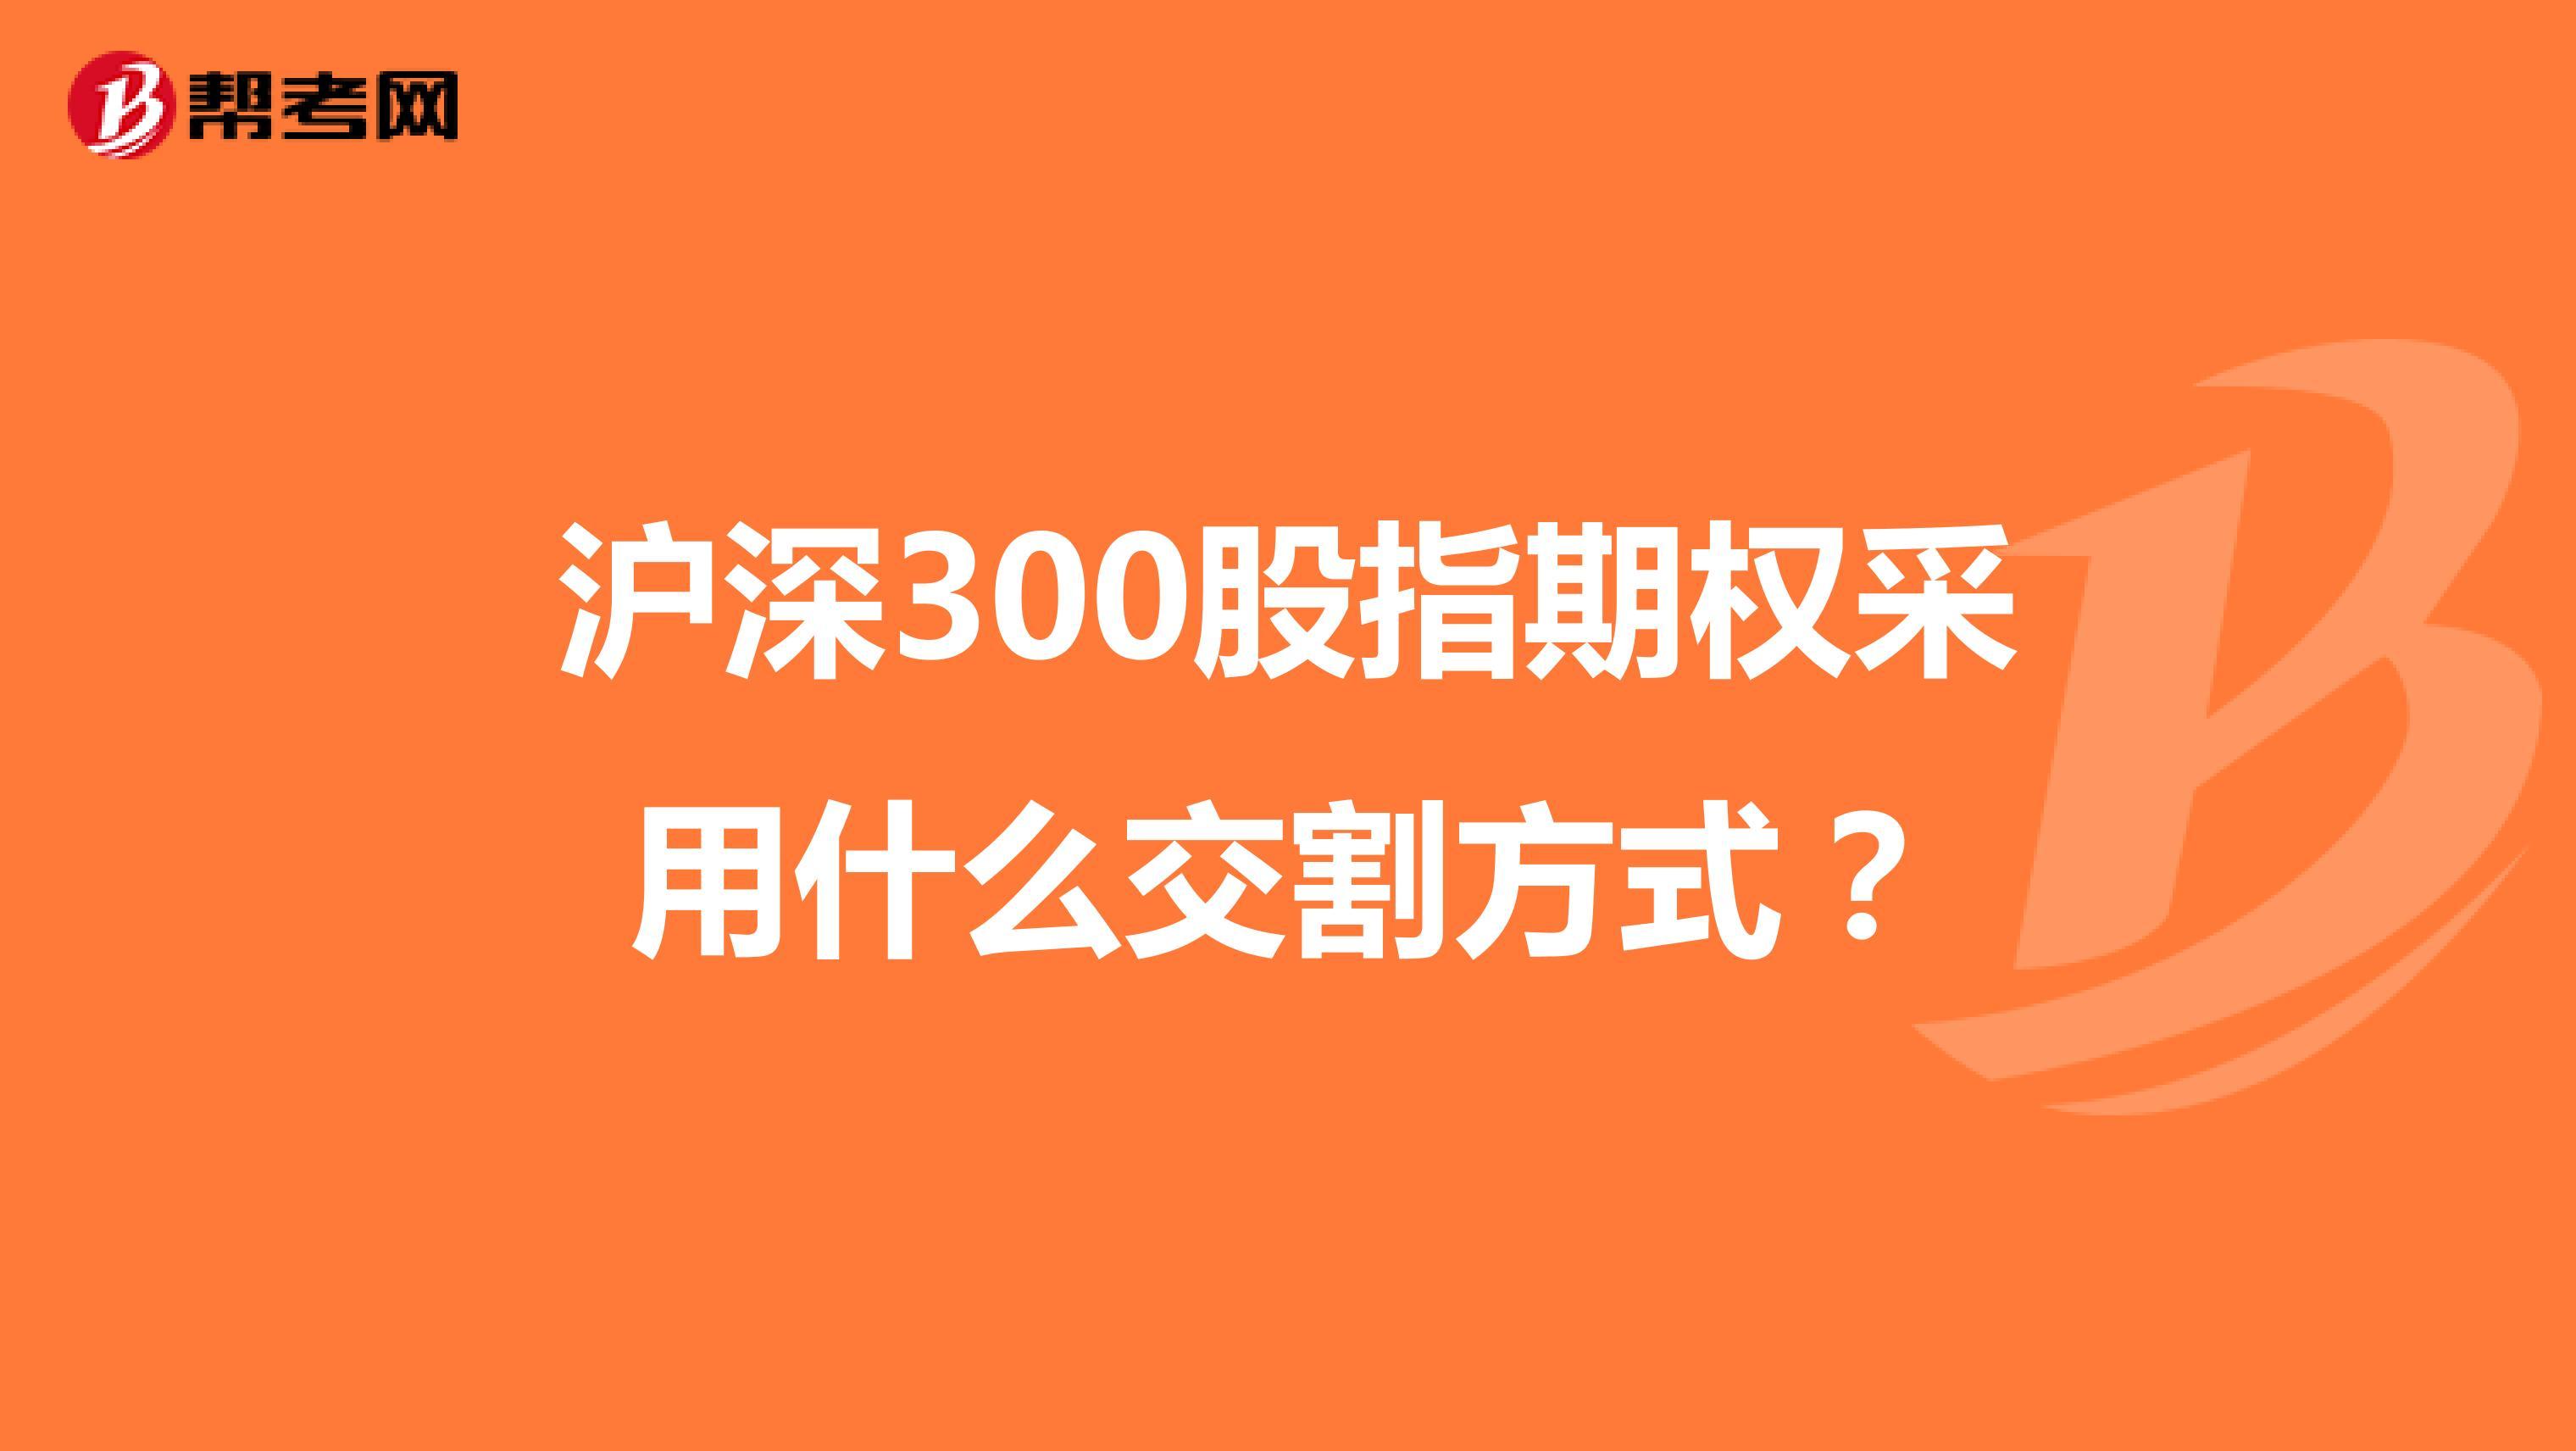 沪深300股指期权采用什么交割方式?